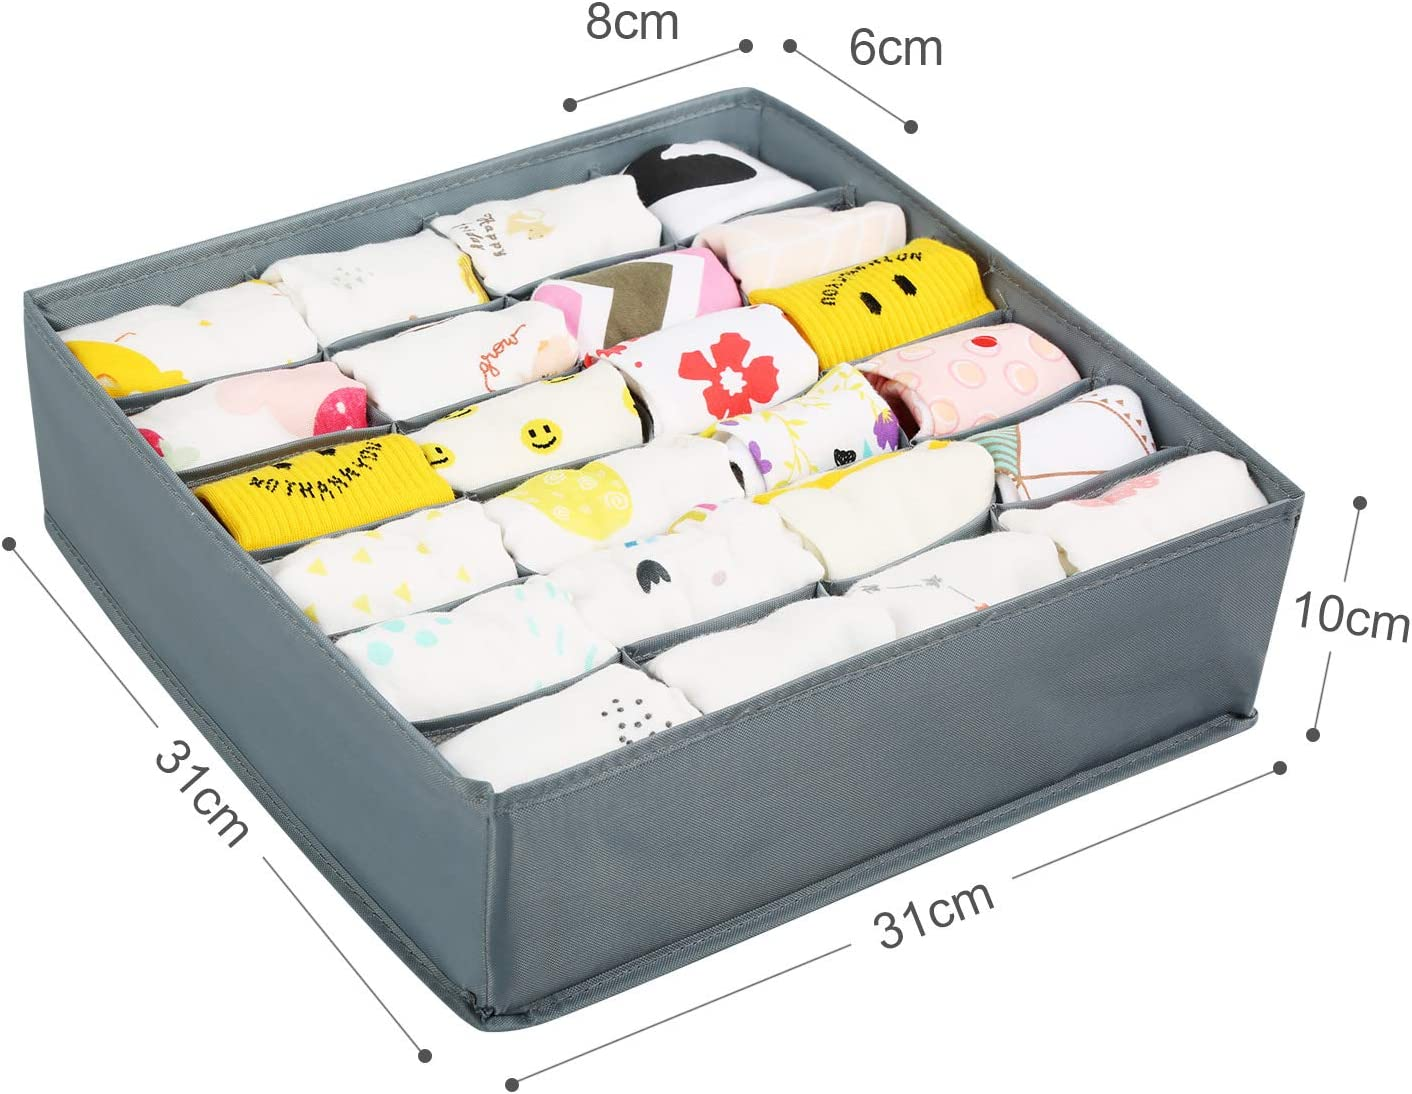 Bufandas Corbatas 2 Pcs Plegable Organizador de Ropa Interior Sostenes LinStyle Organizador Cajones 24 Compartimentos Organizador Calcetines para Almacenar Calcetines